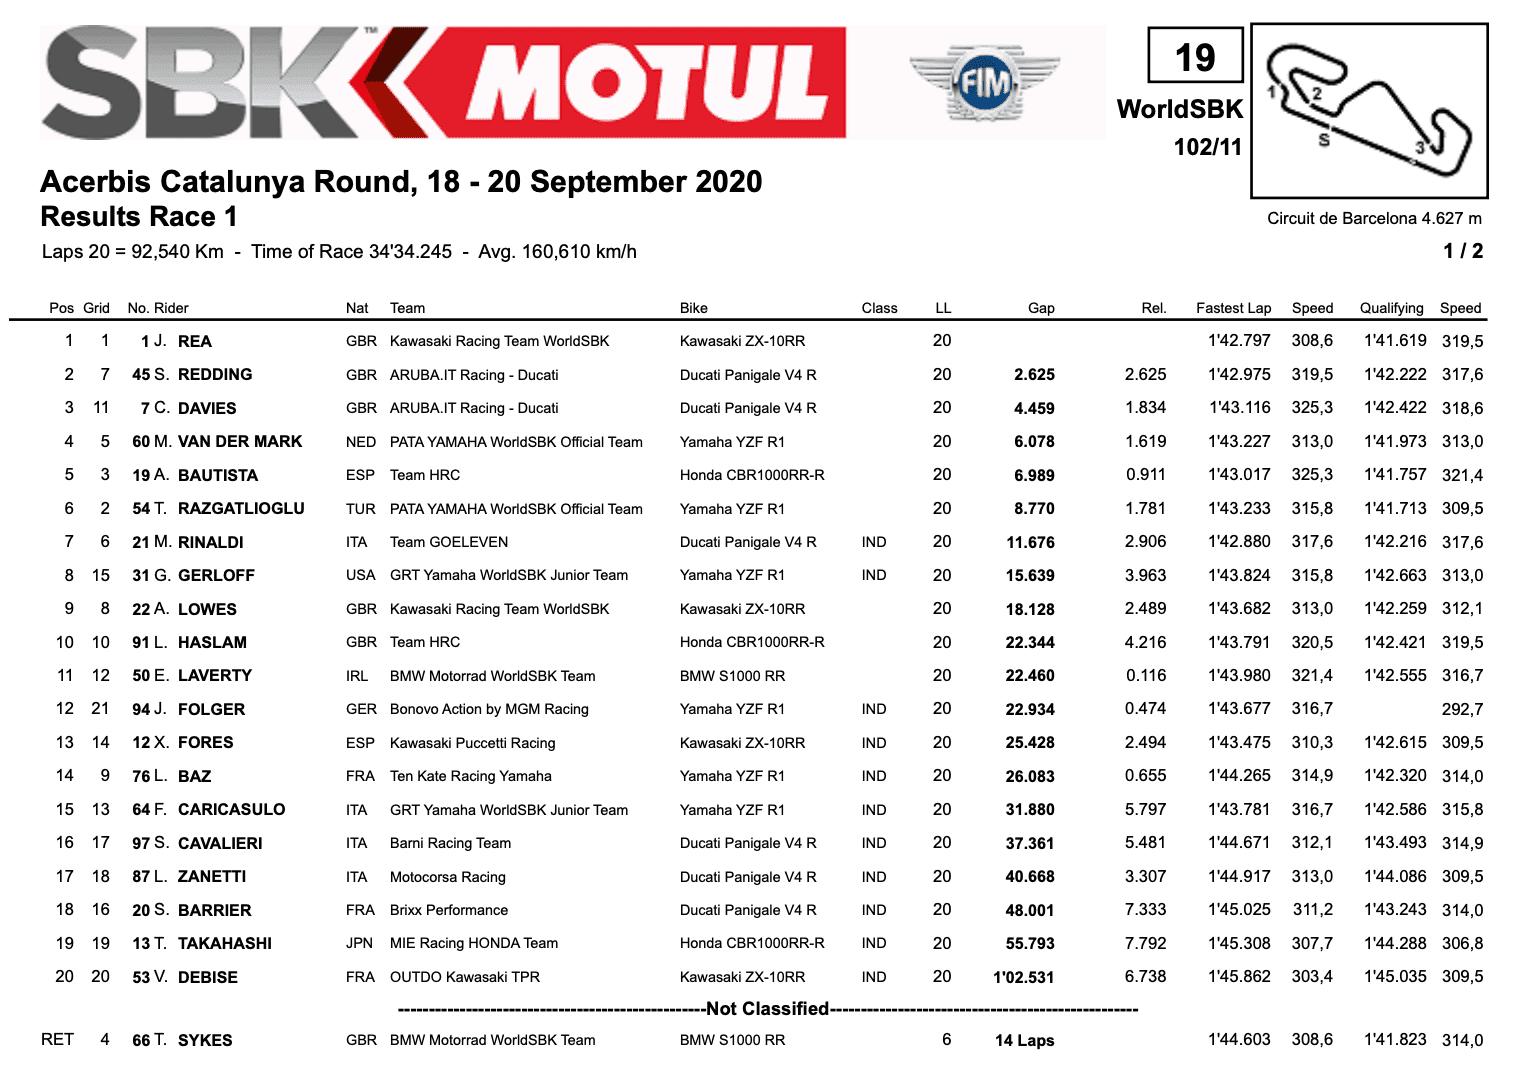 FIM スーパーバイク世界選手権(SBK)カタルーニャ戦 レース1結果